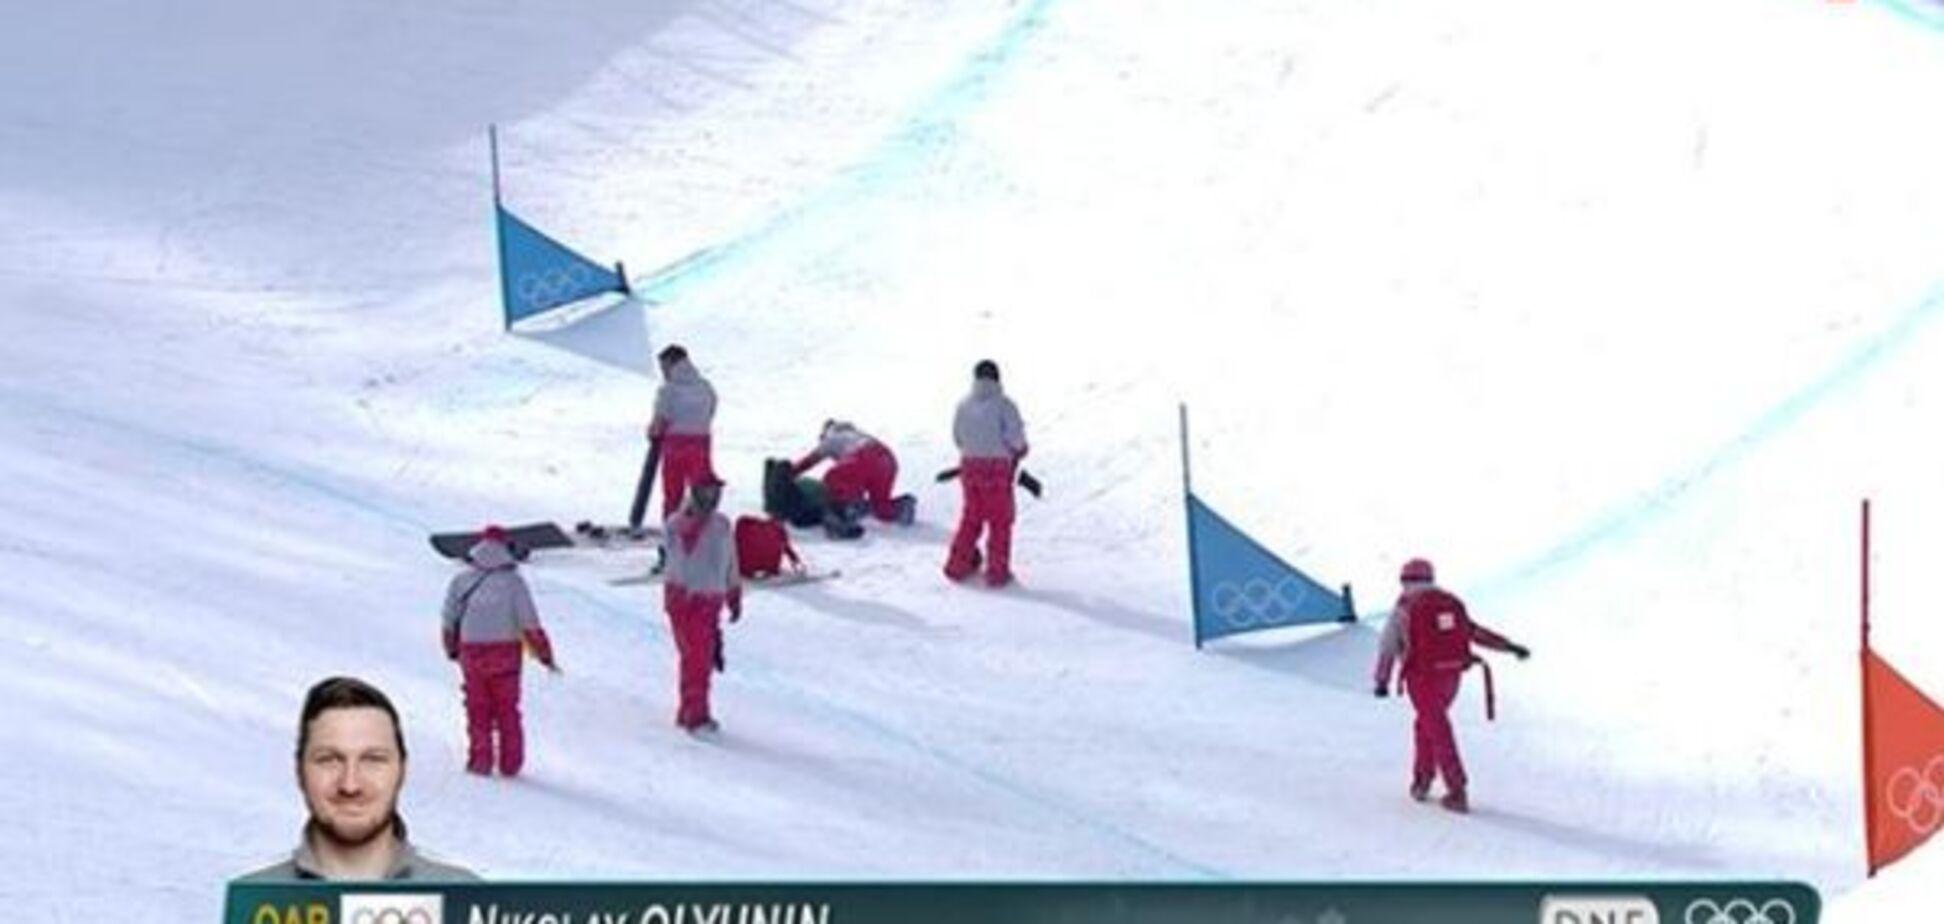 Разрыв и перелом: российский олимпиец получил тяжелейшую травму на Играх в Пхенчхане